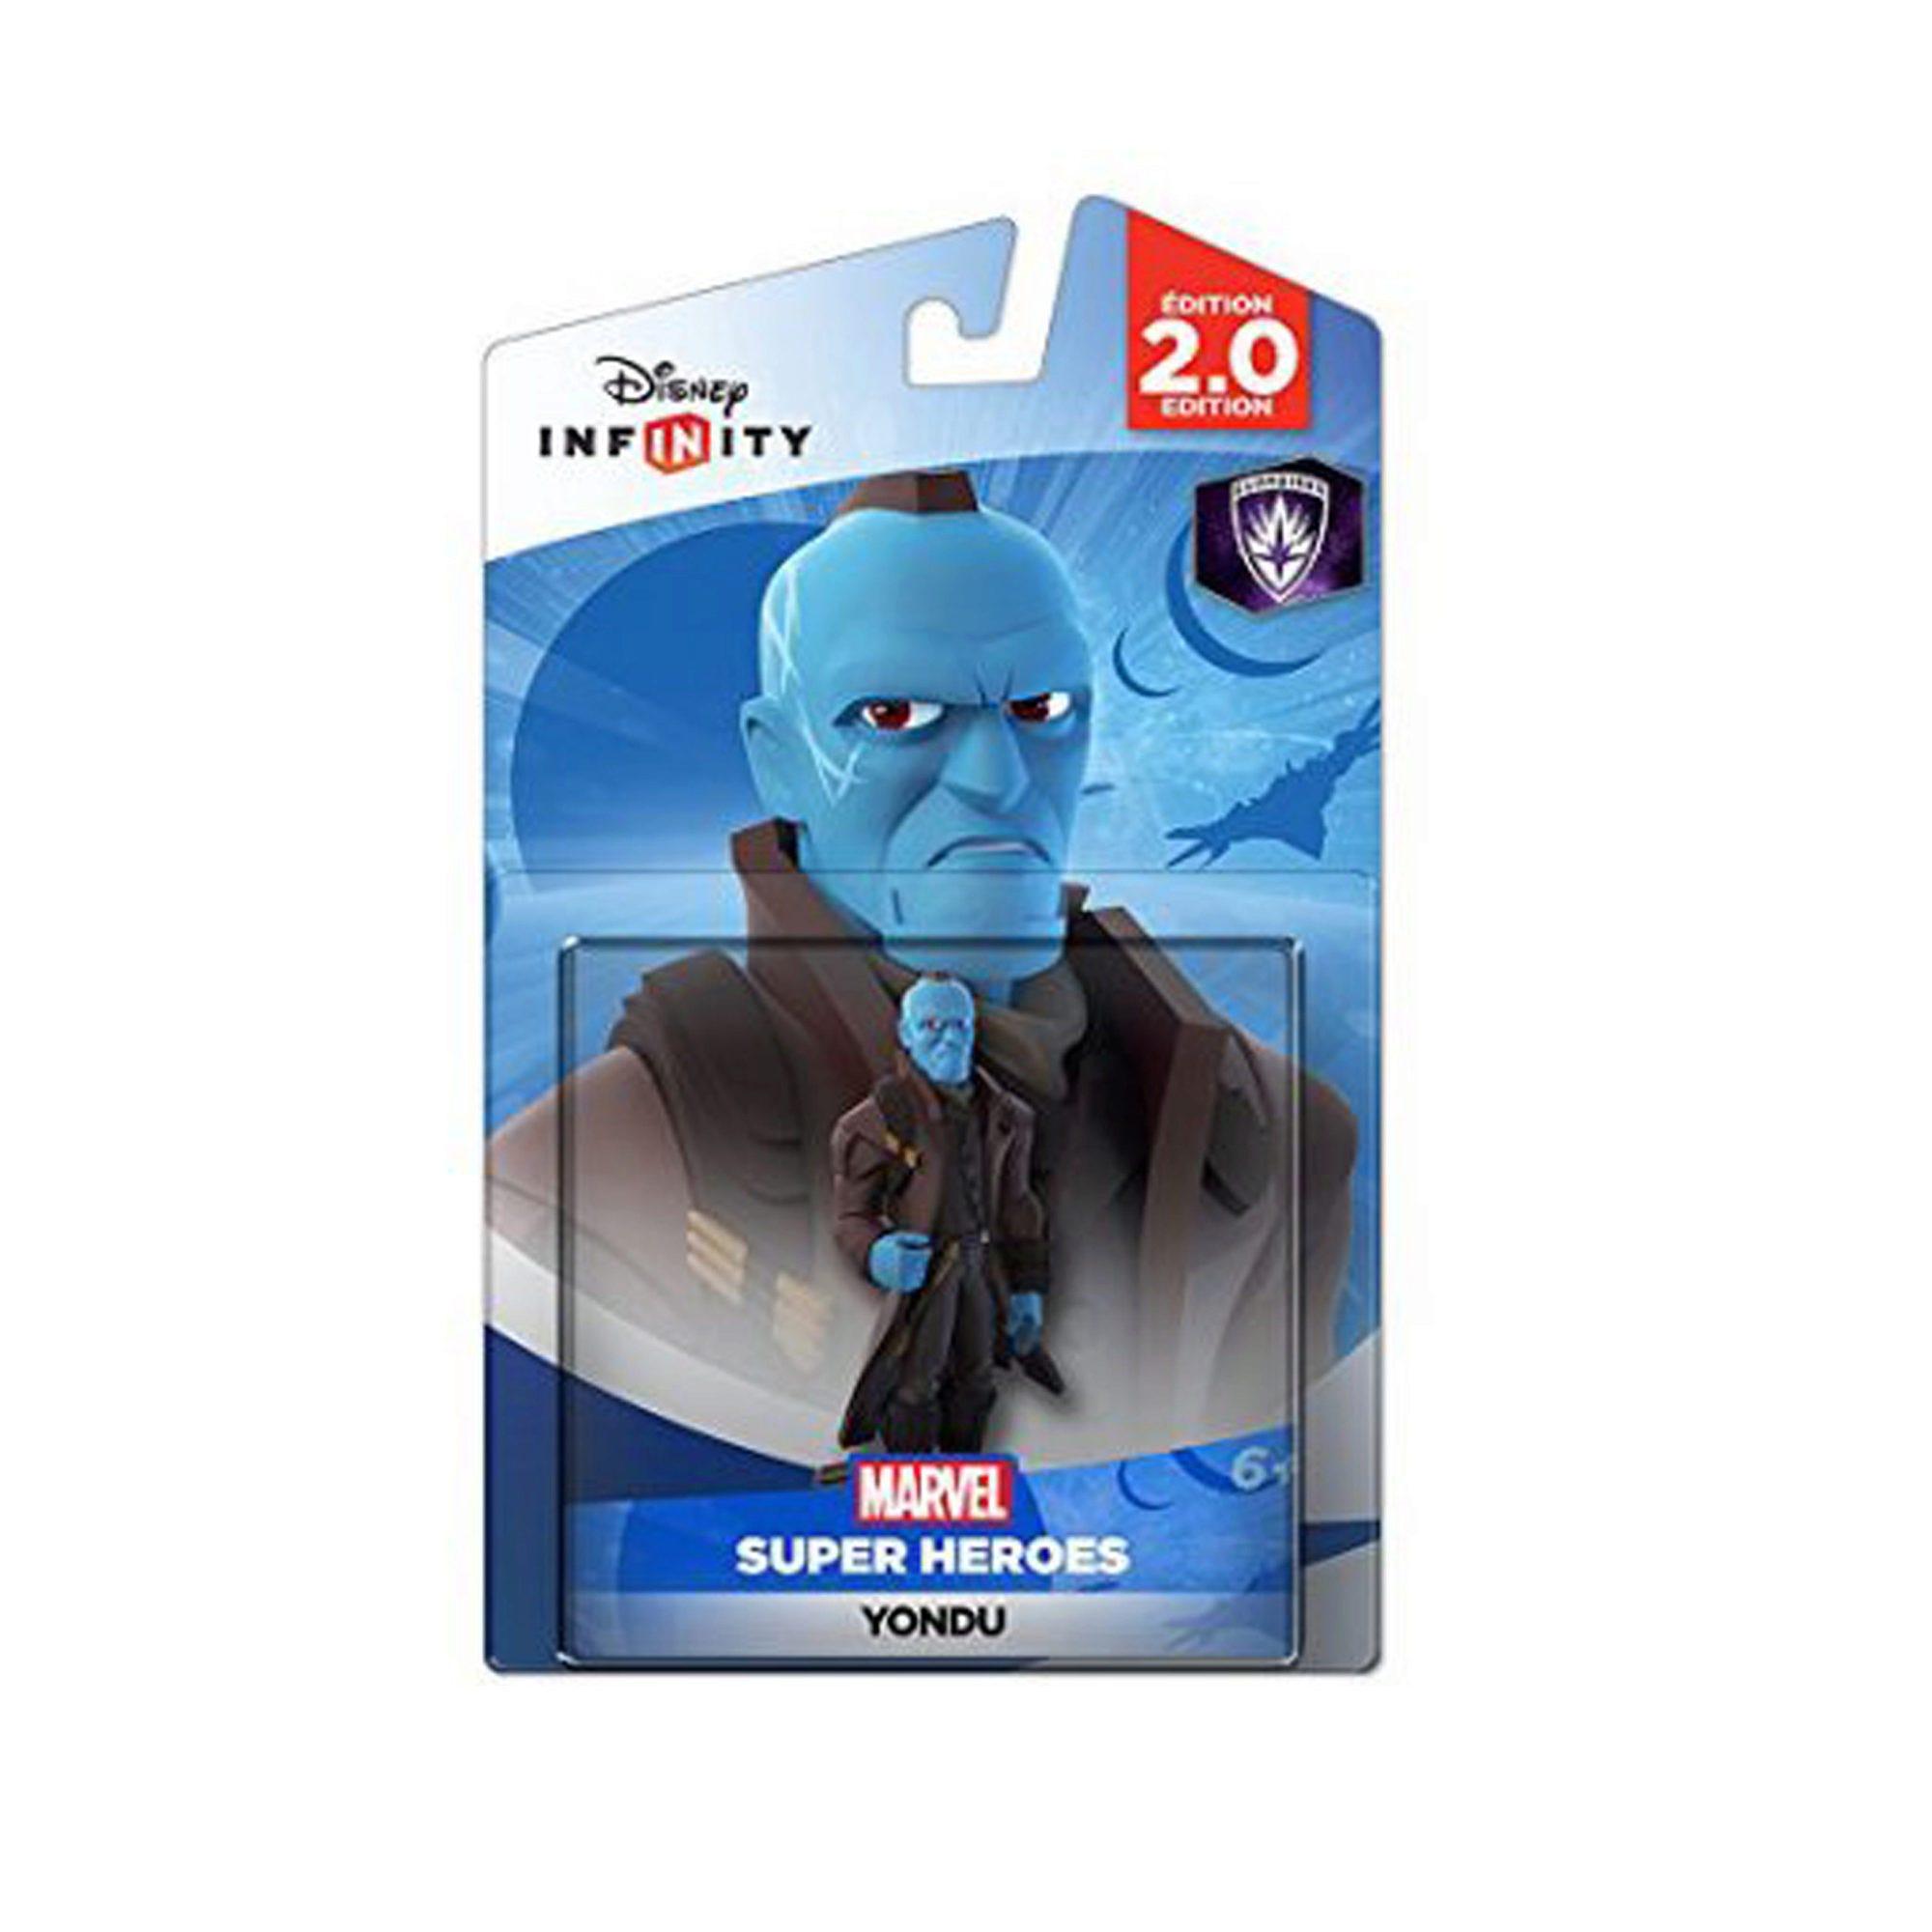 Marvel Yondu Disney Infinity 2.0 FIGURINE- Qty 18